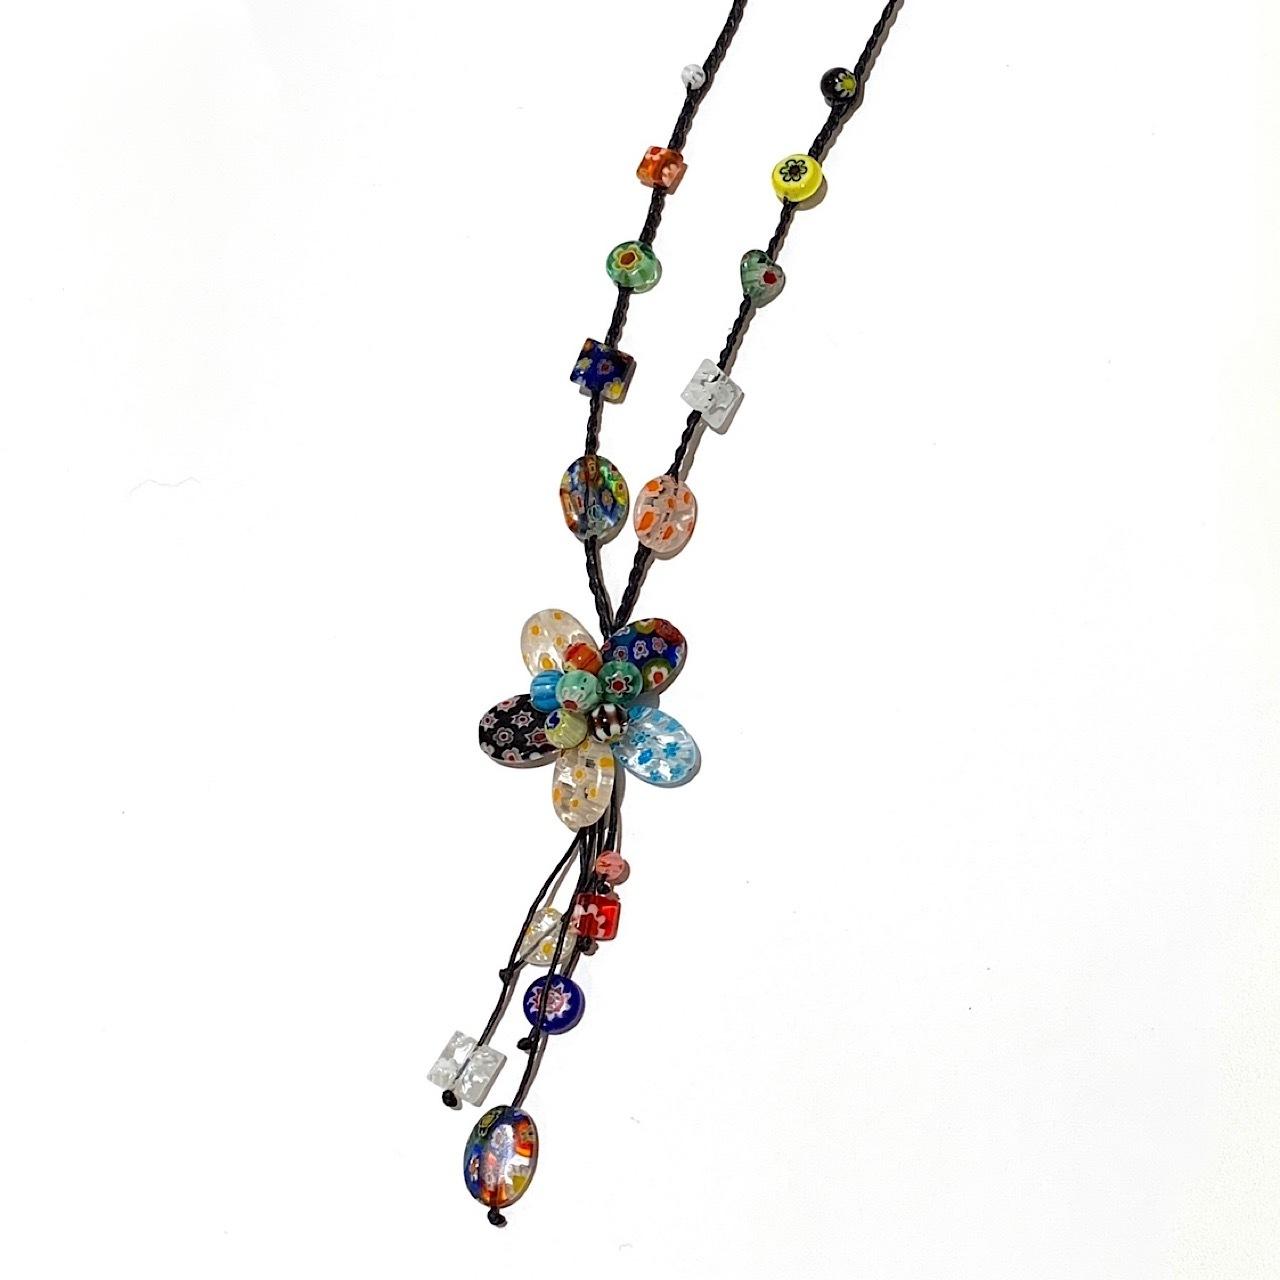 acc-034 ベネチアングラスの花ネックレス